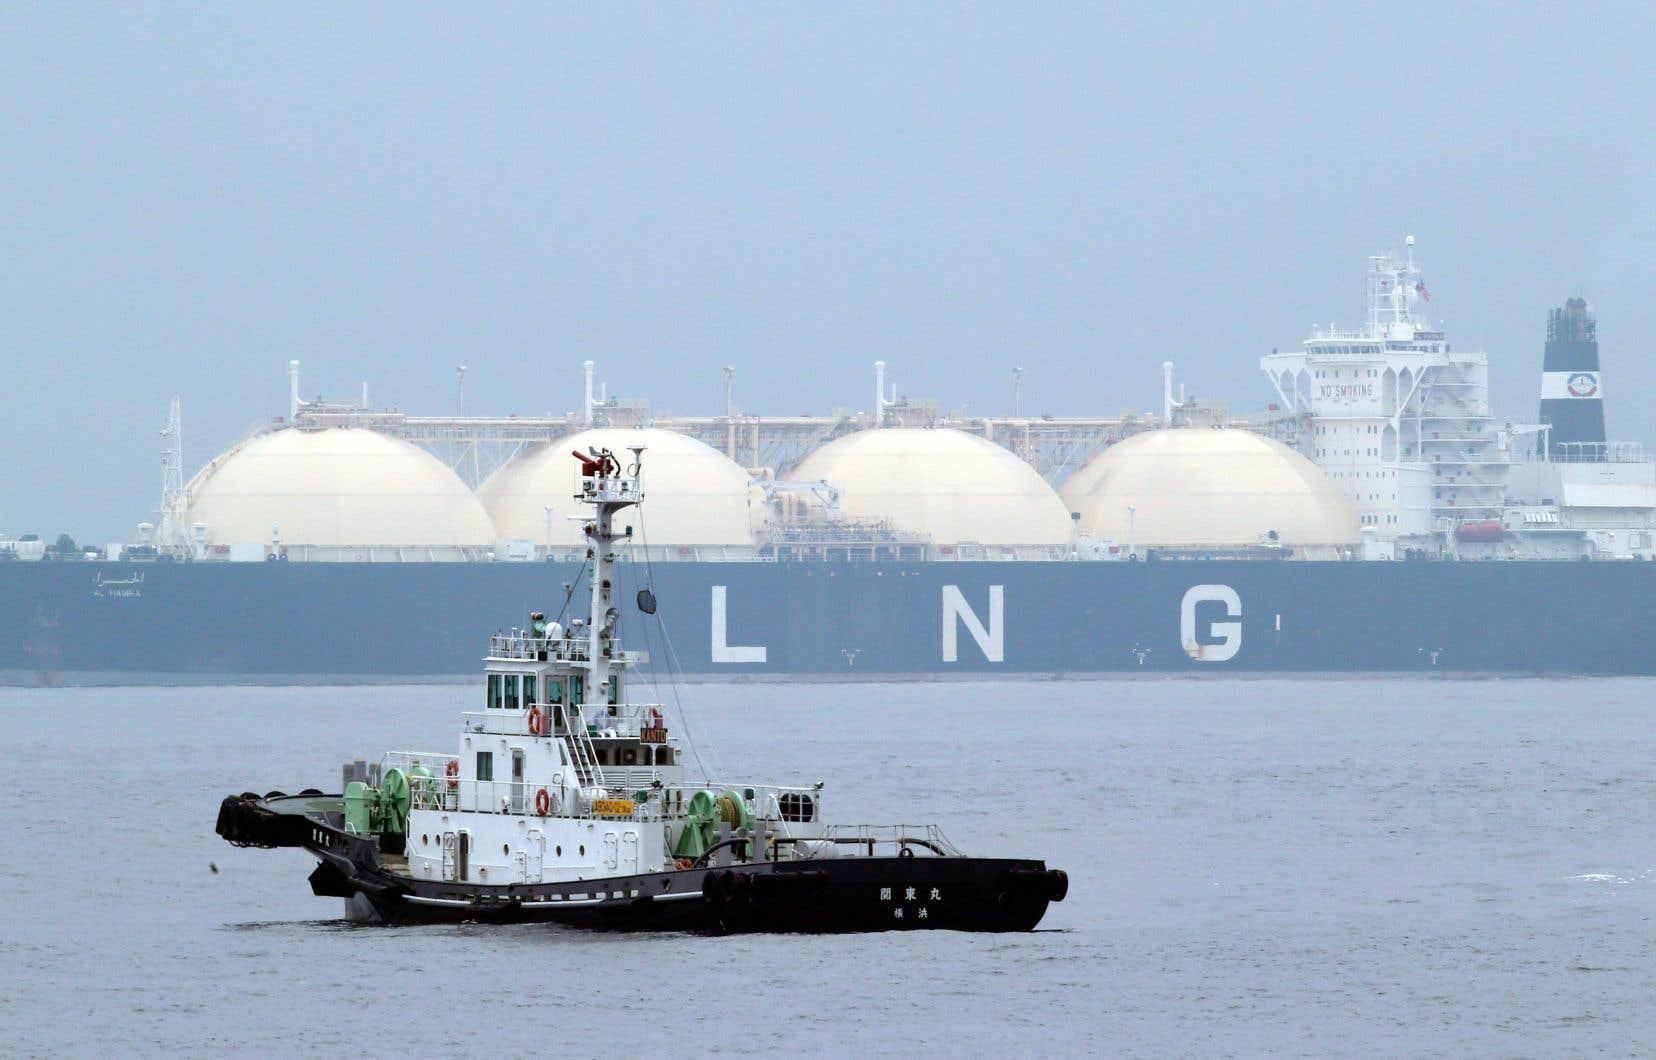 GNL Québec affirme que son projet permettra de réduire les émissions mondiales de gaz à effet de serre, mais cette affirmation reste à démontrer.